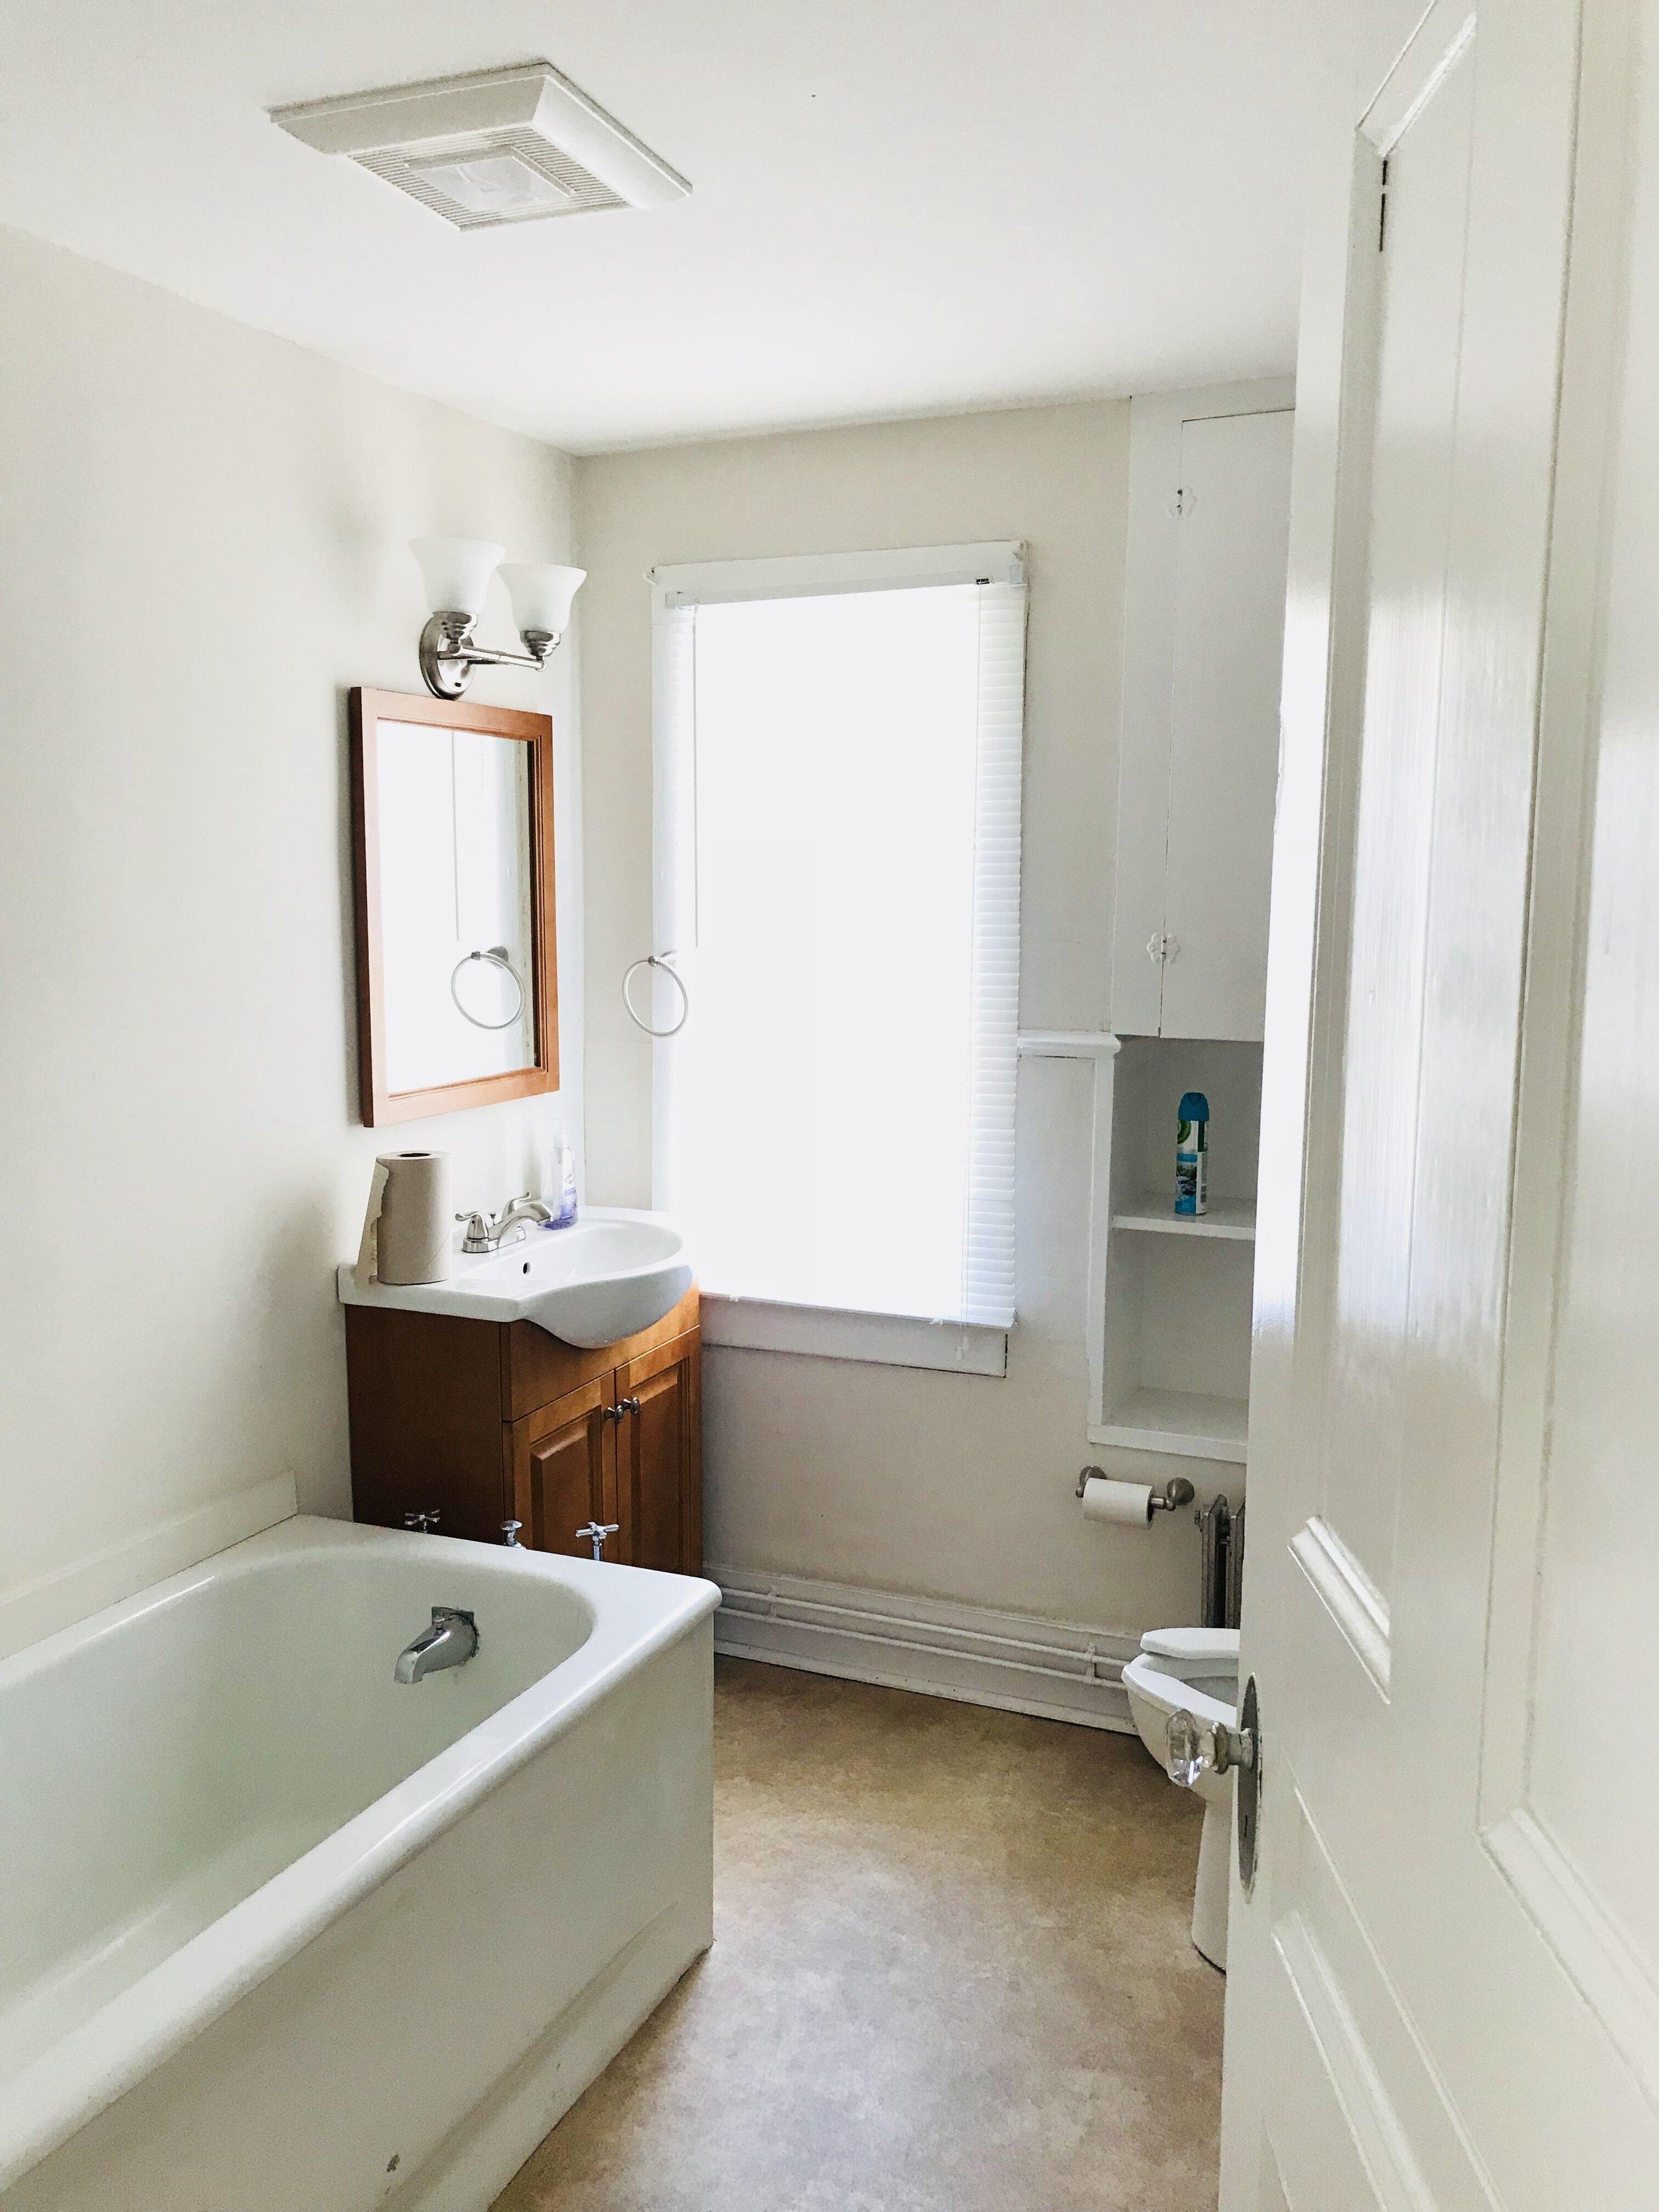 147 Bath.jpeg